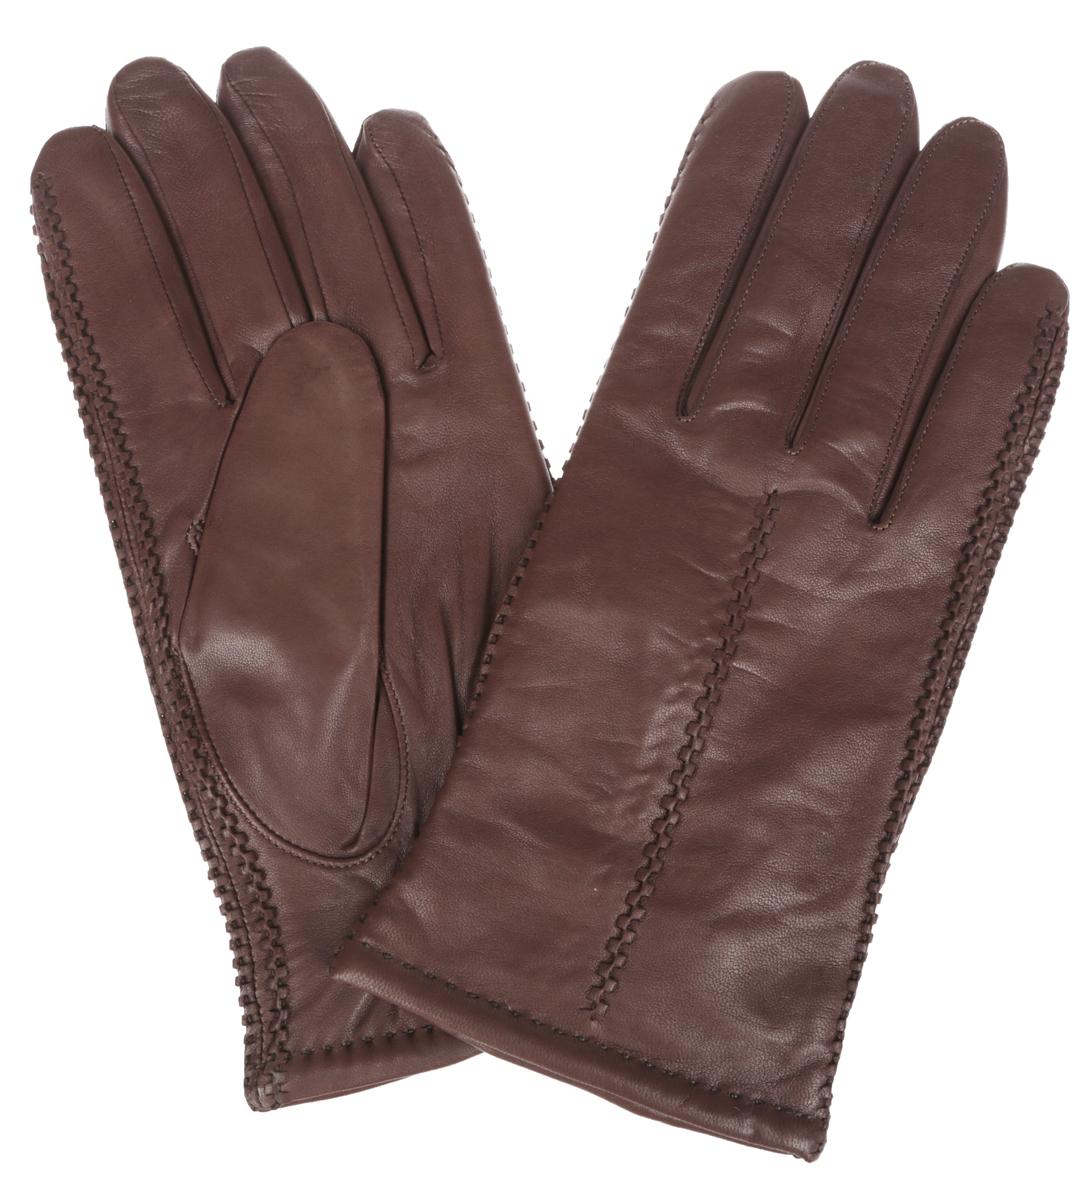 Перчатки мужские Eleganzza, цвет: коричневый. HP6012. Размер 10HP6012Классические мужские перчатки Eleganzza не только защитят ваши руки, но и станут великолепным украшением. Перчатки выполнены из чрезвычайно мягкой и приятной на ощупь натуральной кожи ягненка, а их подкладка - из натуральной шерсти с добавлением кашемира.Перчатки по бокам и с внешней стороны оформлены объемной декоративной отстрочкой, а на запястьях присборены на эластичные резинки. Качественная отделка кожи делает эту модель не только красивой, но и долговечной.Модель благодаря своему лаконичному исполнению прекрасно дополнит образ любого мужчины и сделает его более стильным, придав тонкую нотку брутальности. Создайте элегантный образ и подчеркните свою яркую индивидуальность новым аксессуаром!